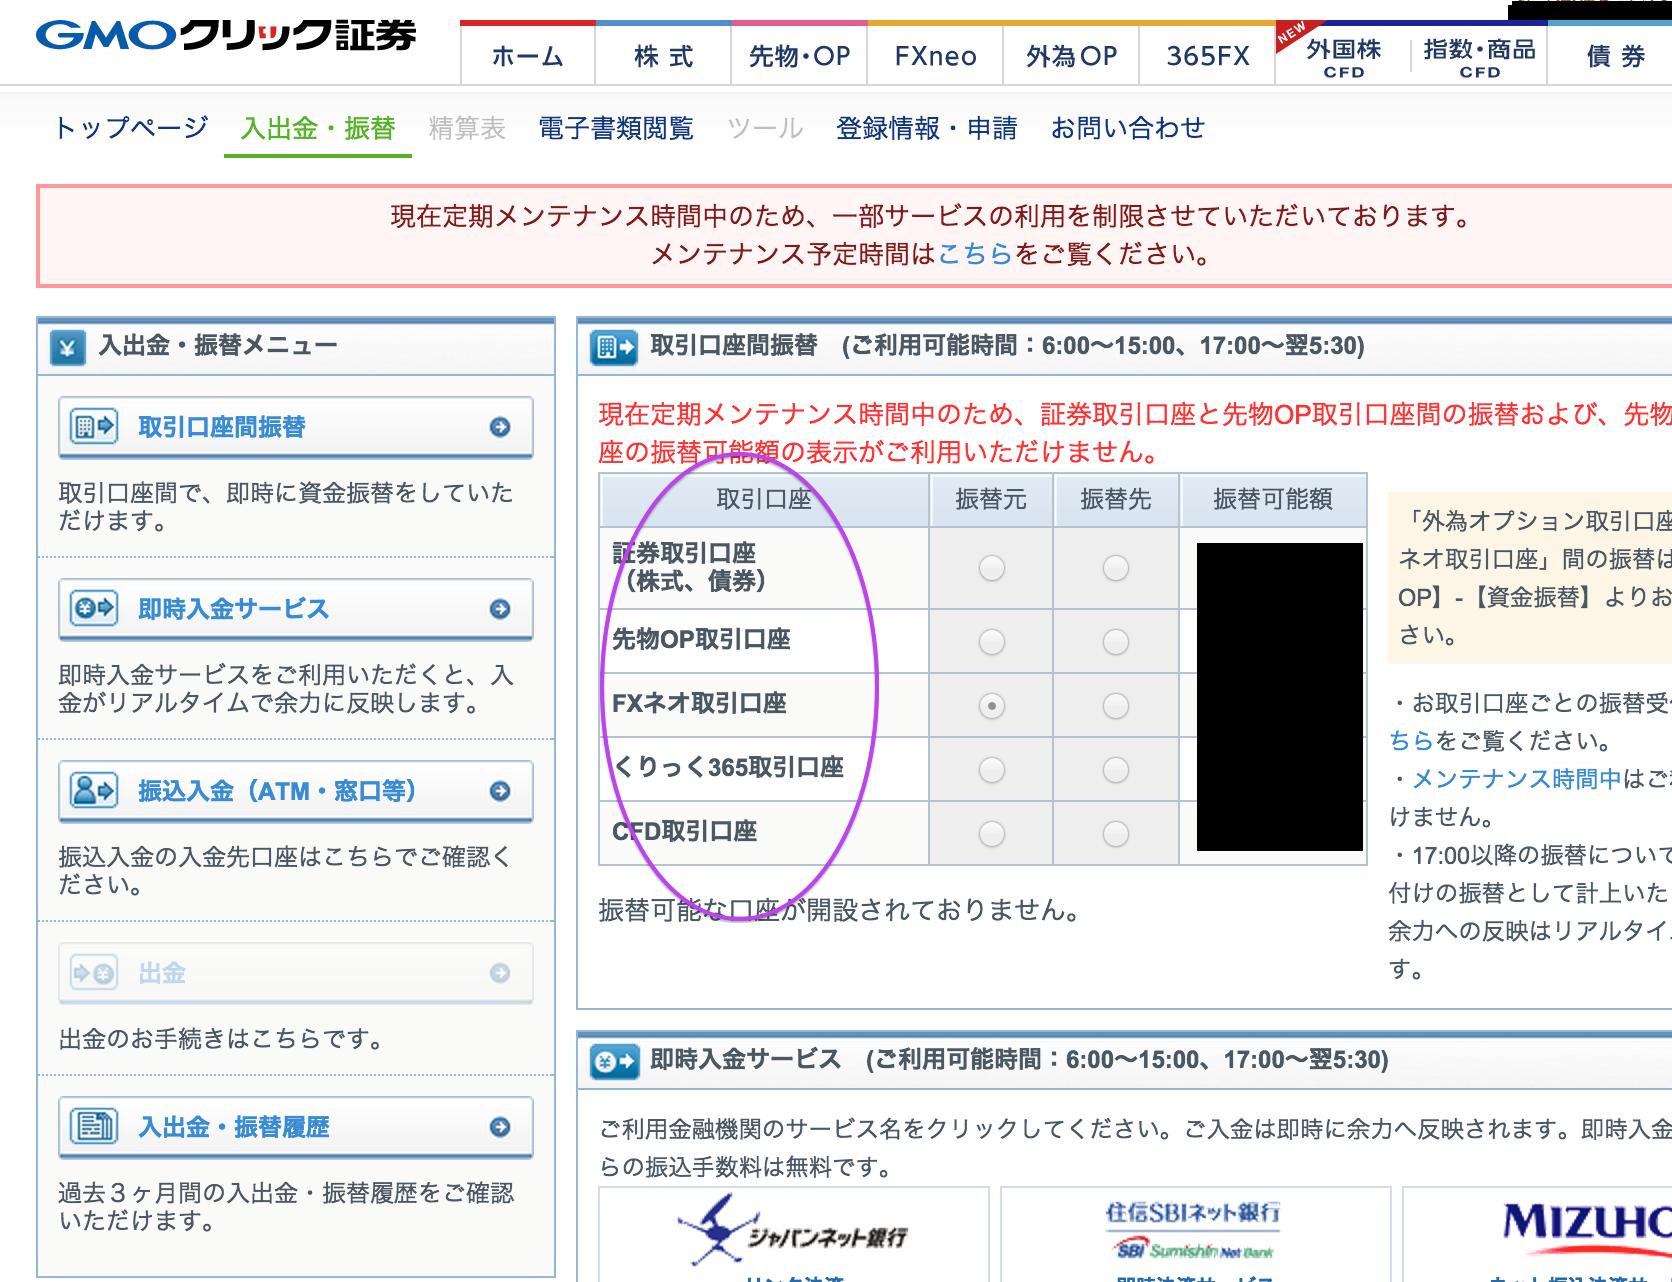 スクリーンショット 2015-02-24 5.11.28